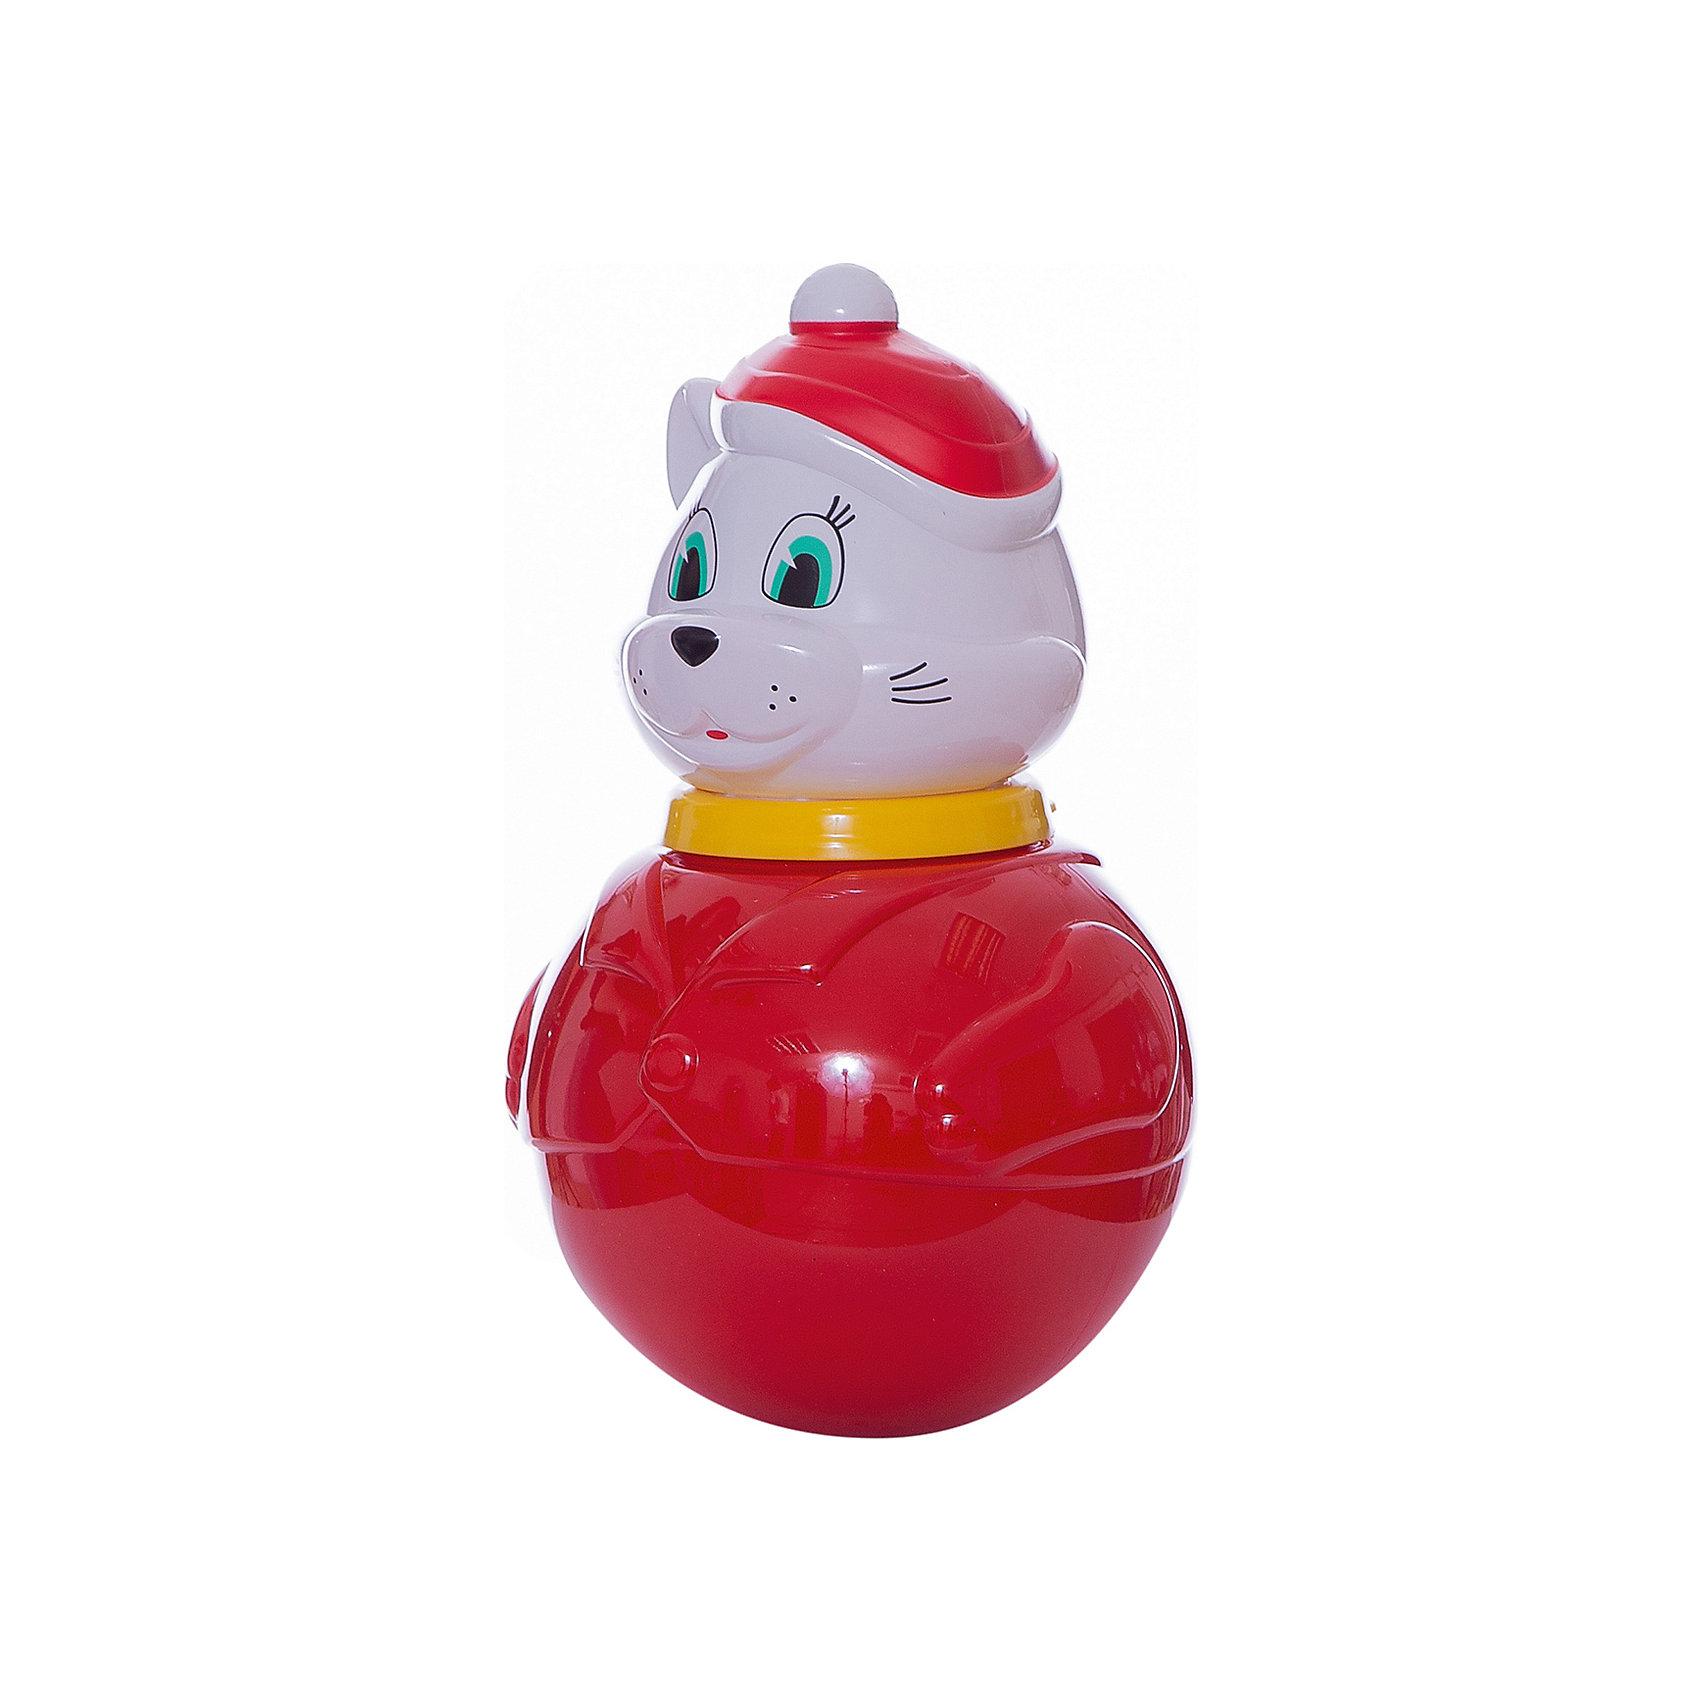 Стеллар Стеллар Неваляшка большая Кот Мурлыка(коробка) стеллар погремушка дудочка стеллар